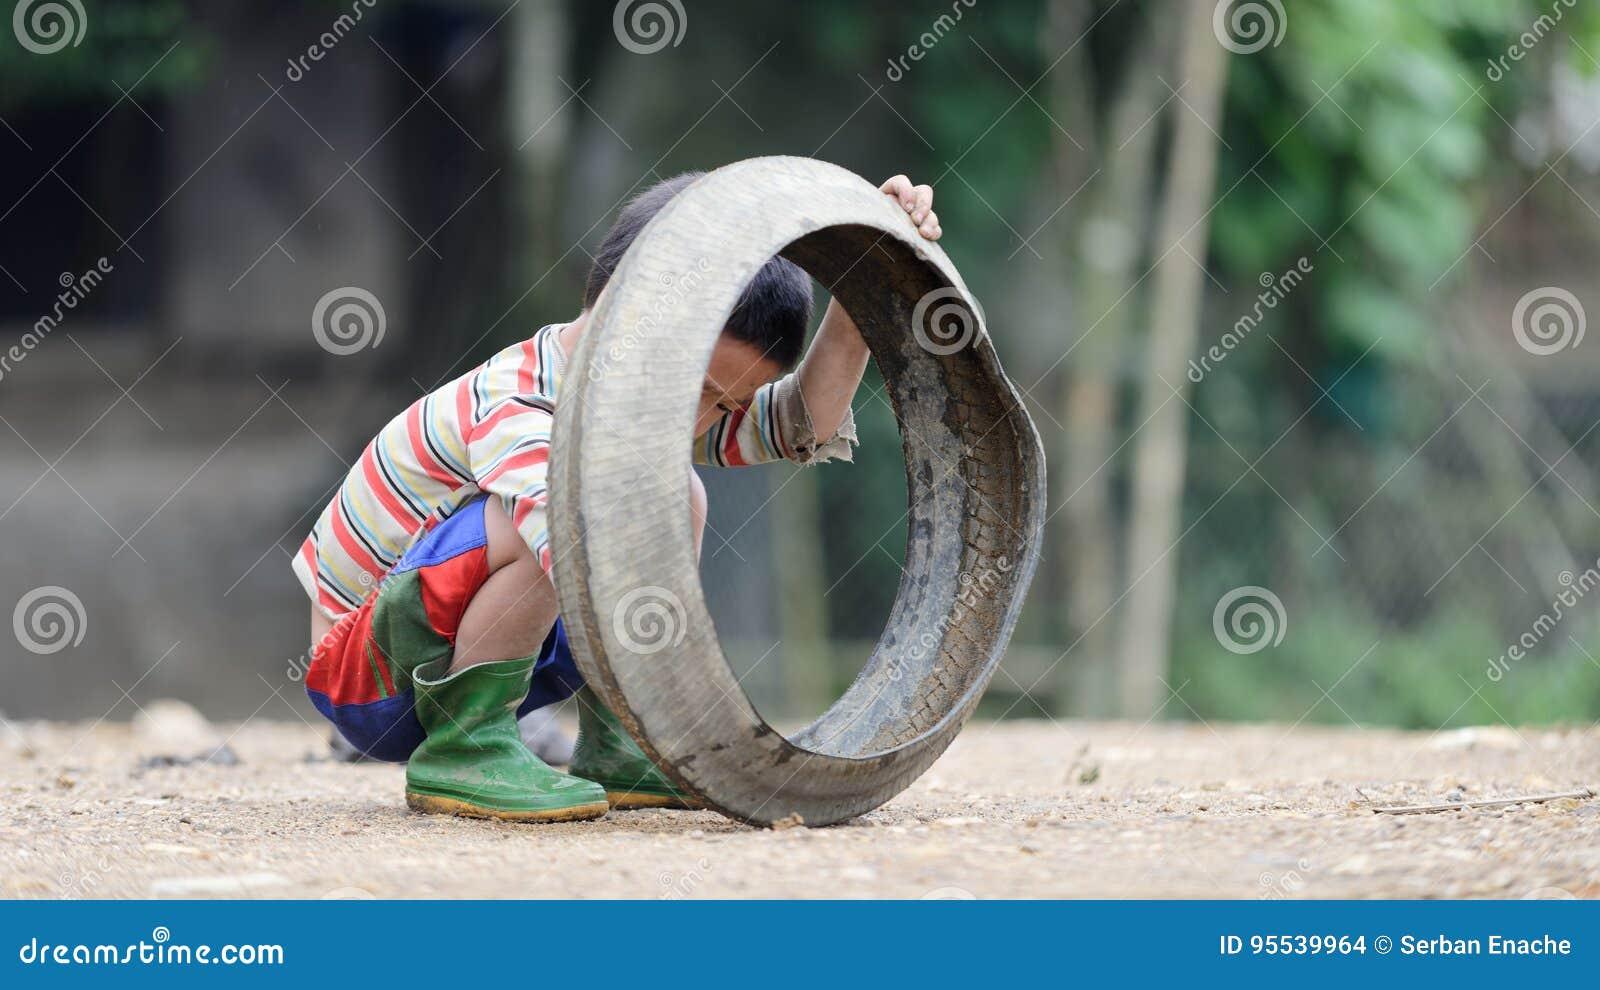 Scherzen Sie das Spielen mit altem Reifen in Sa-PA-Tal